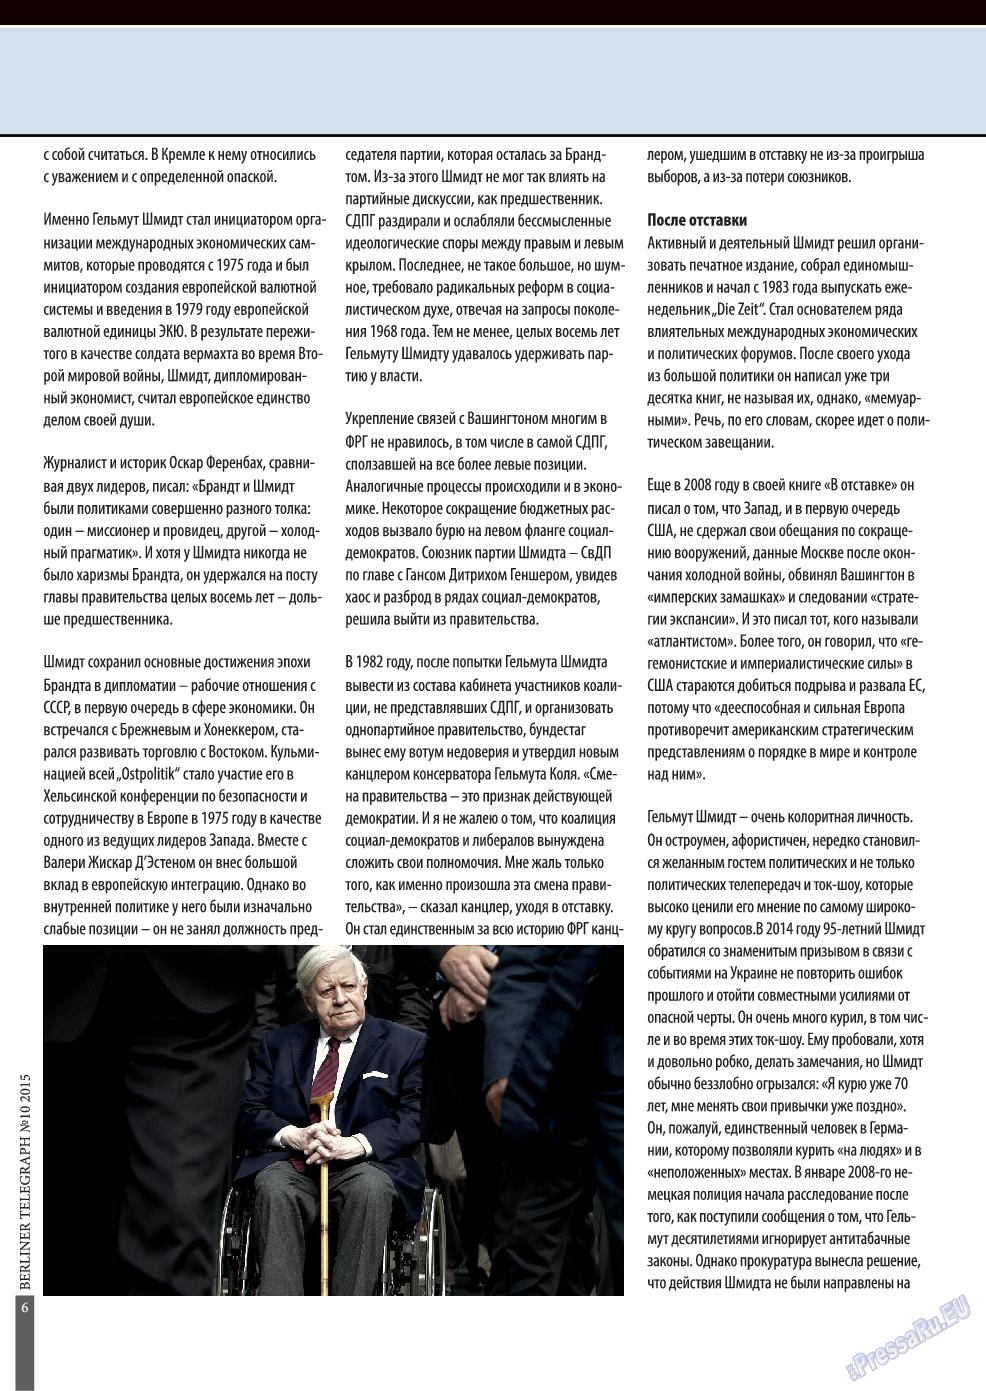 Берлинский телеграф (журнал). 2015 год, номер 11, стр. 6